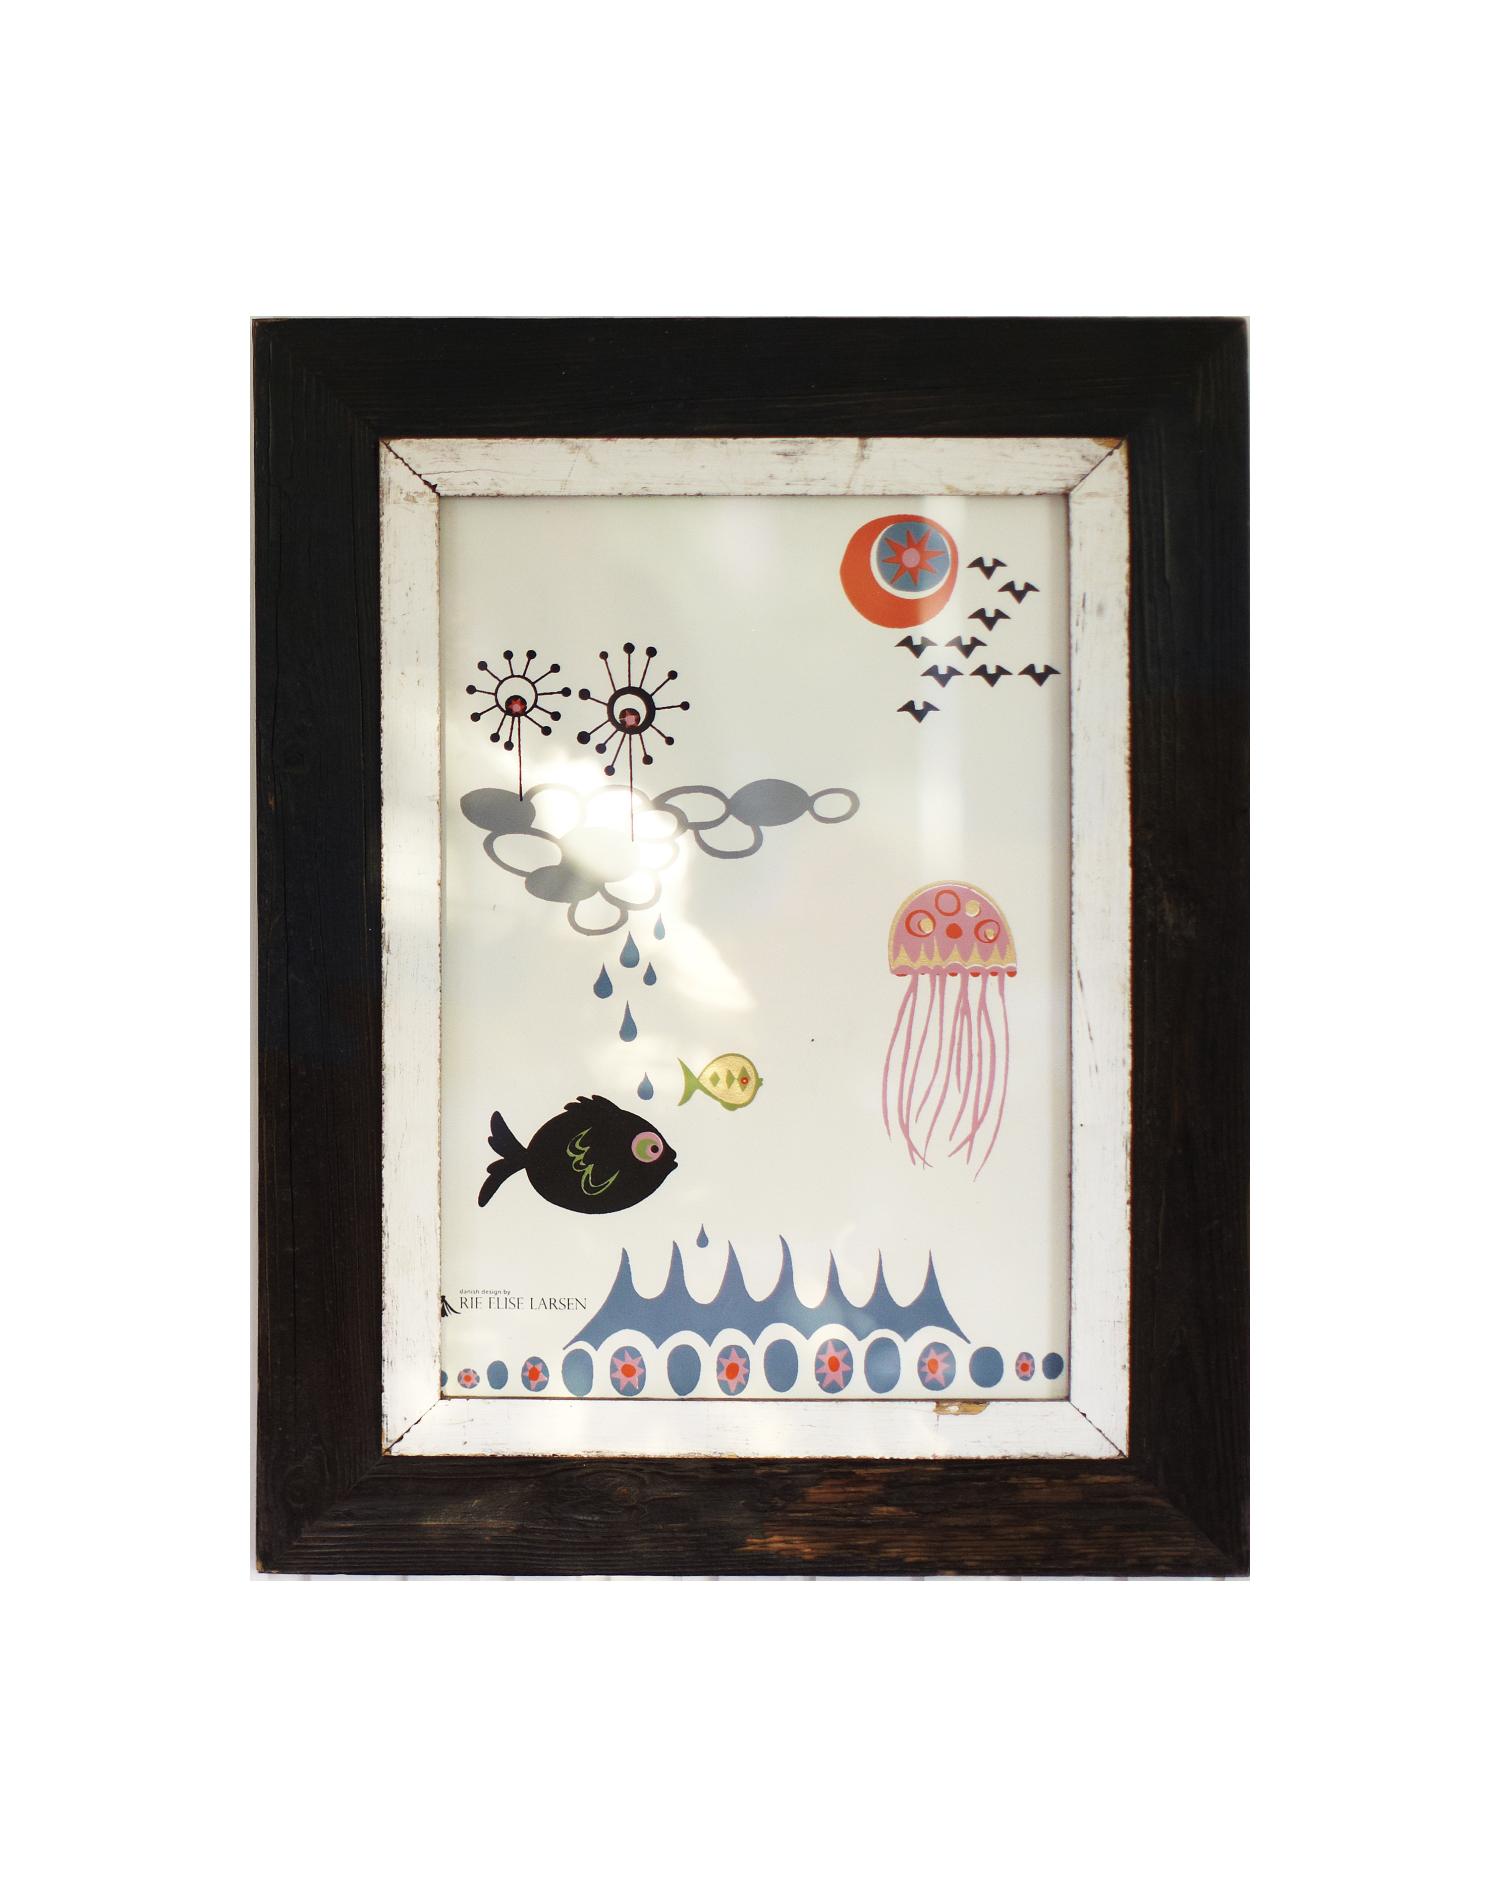 Jelly Fish Poster 42×295 cm Rie Elise Larsen